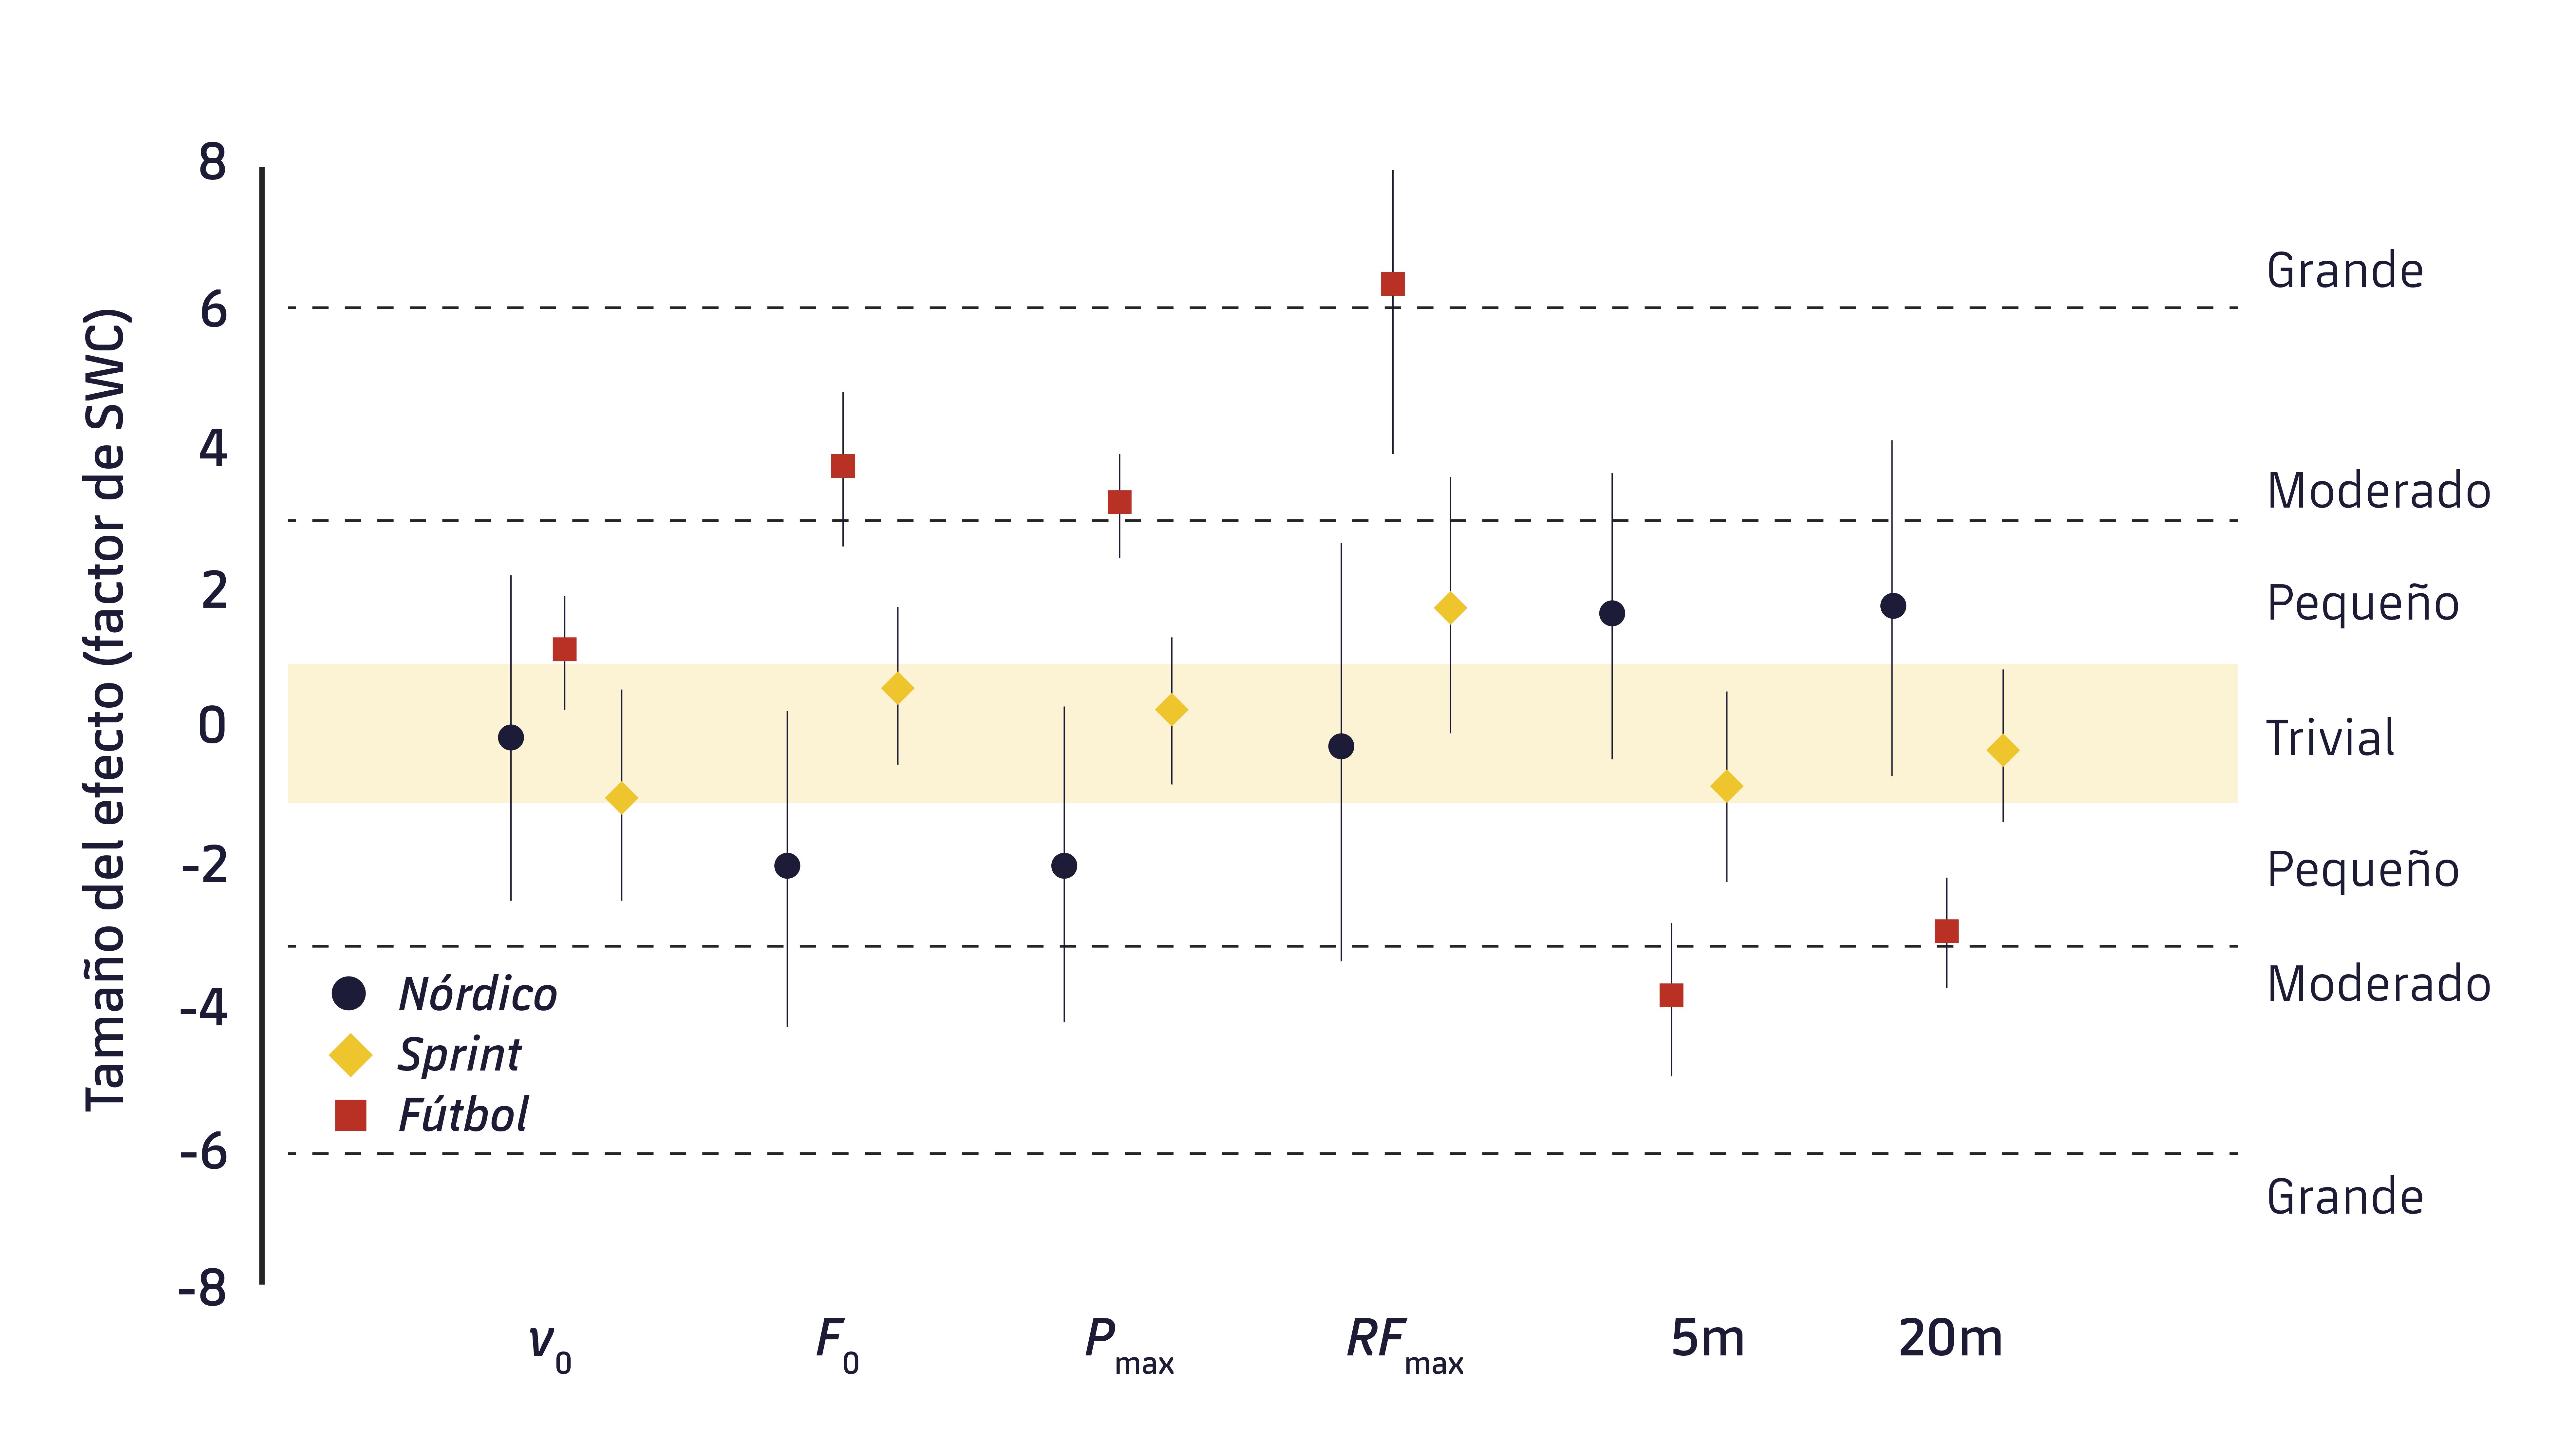 Figura 1. Magnitud de los cambios pre y post en el rendimiento del sprint. v0: Velocidad máxima; F0 = fuerza máxima; Pmax = potencia máxima; RFmax = máximo valor del ratio de fuerza; 5 m: tiempo de sprint de 5 m; 20 m: tiempo de sprint de 20 m.9